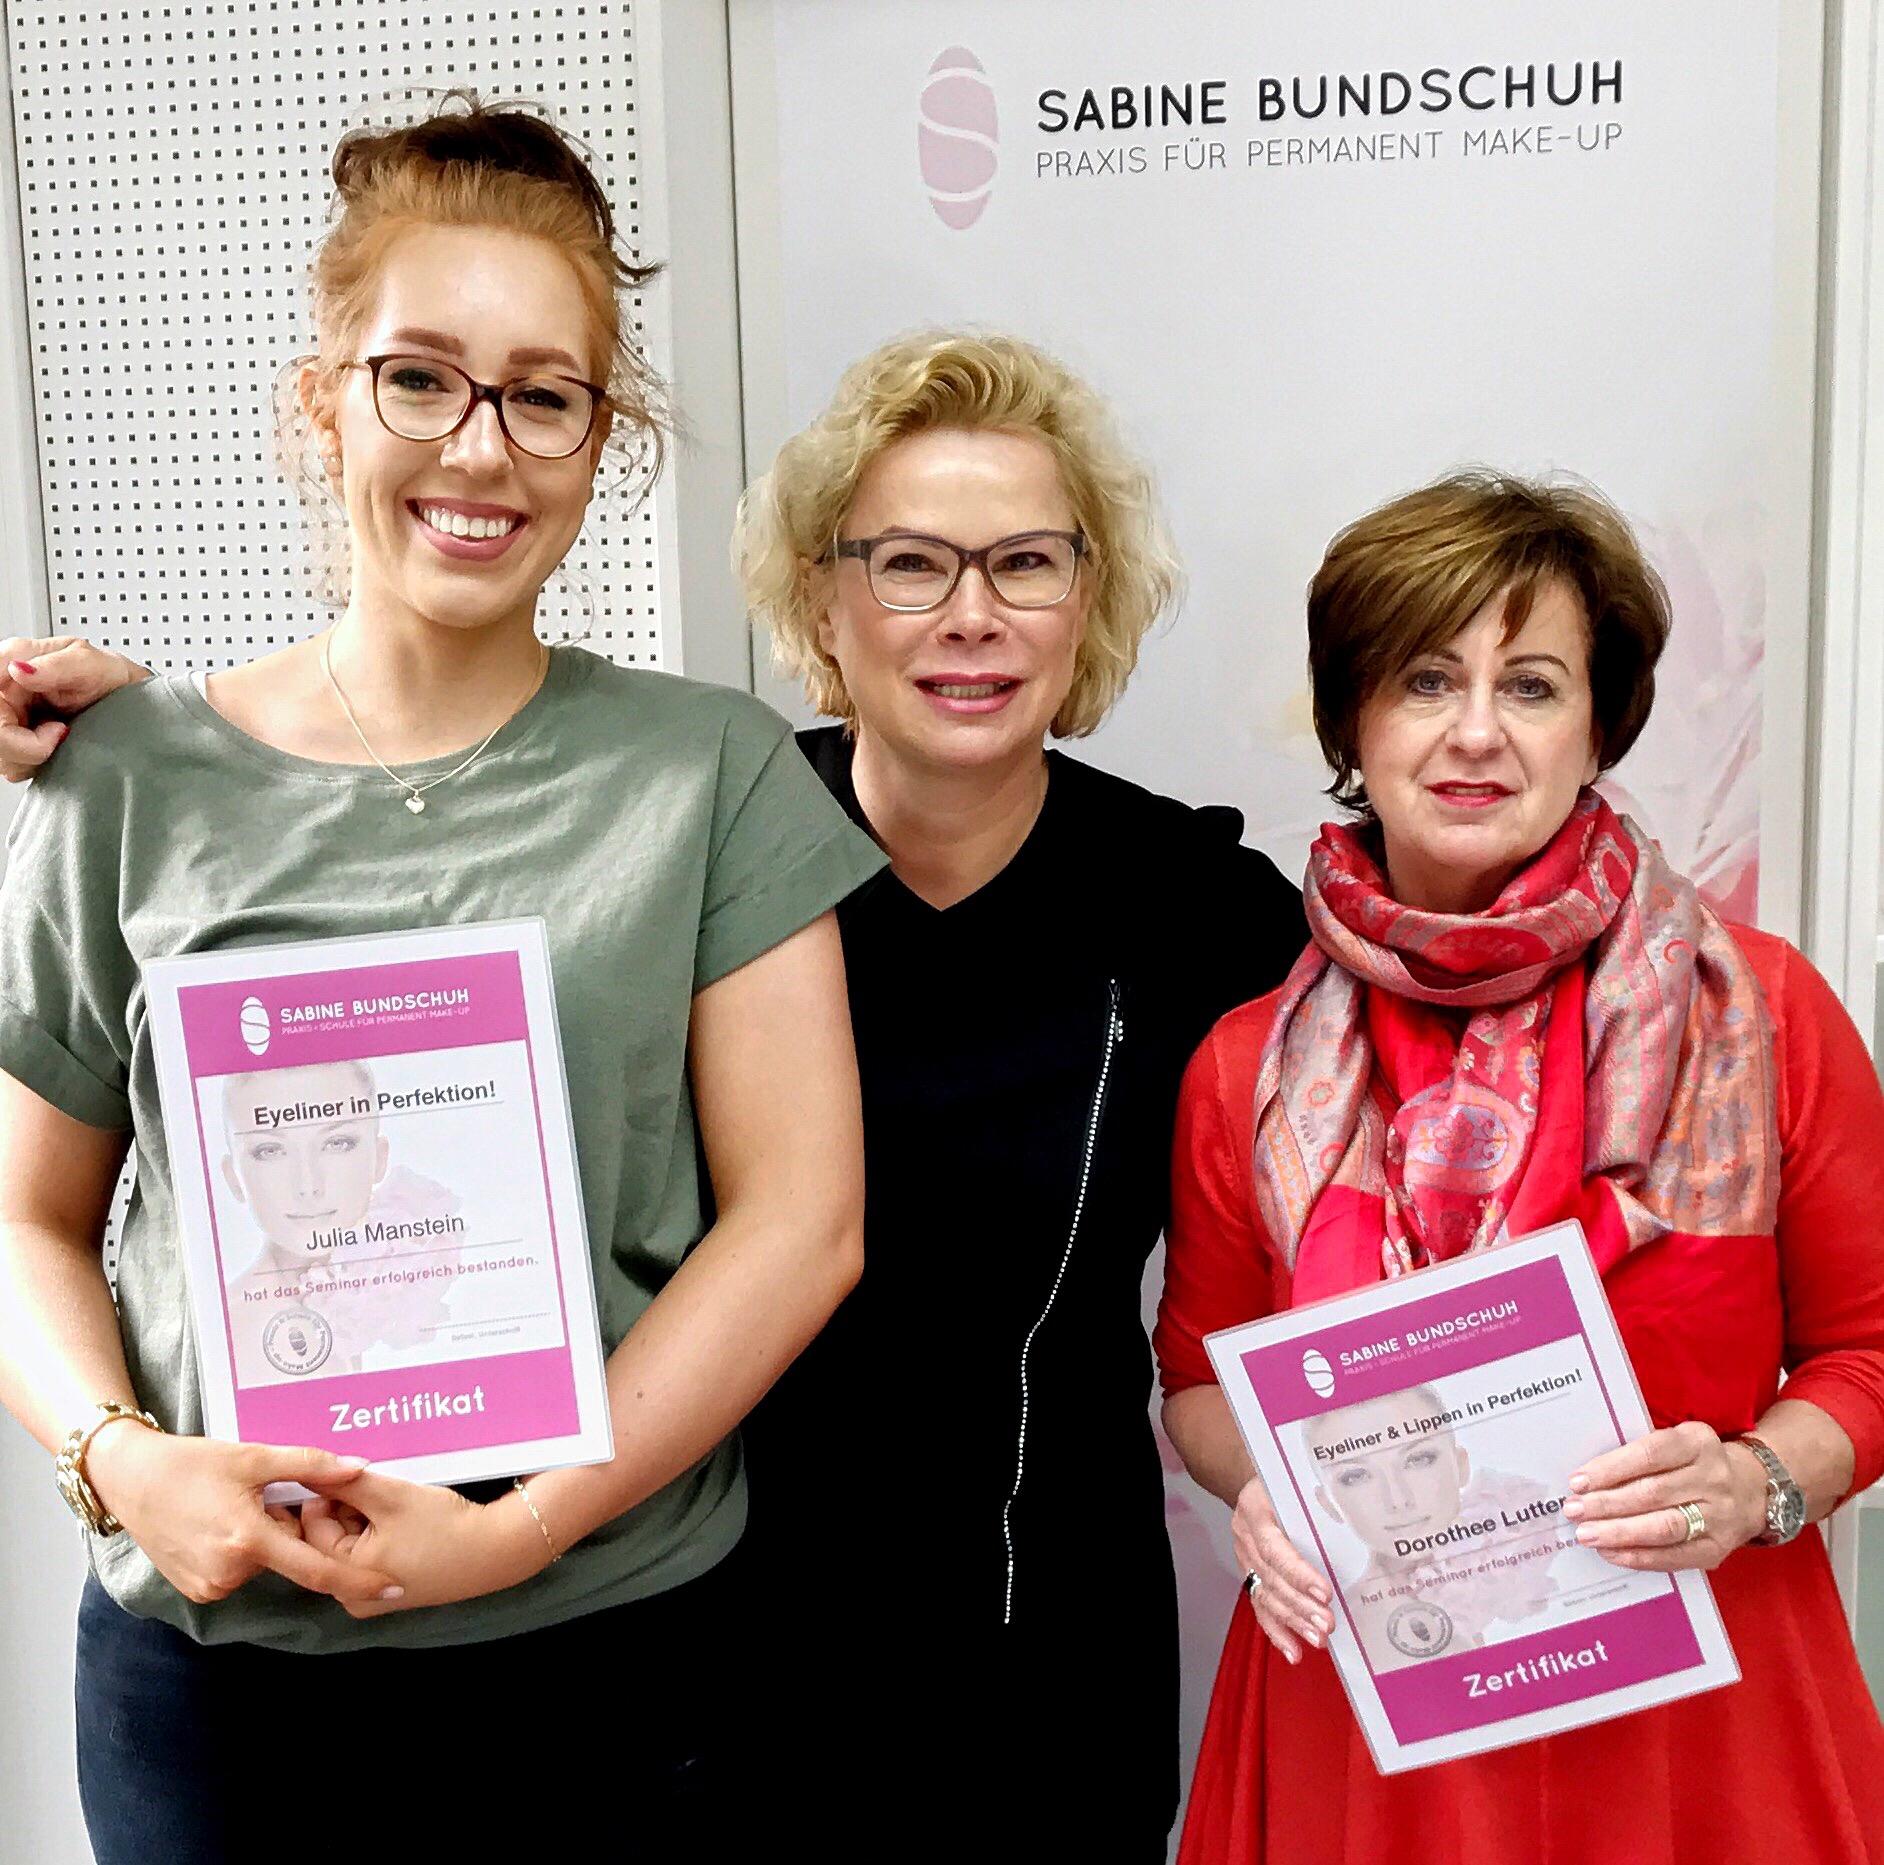 Stolze Absolventen des Perfektionstraining_Bundschuh.jpg